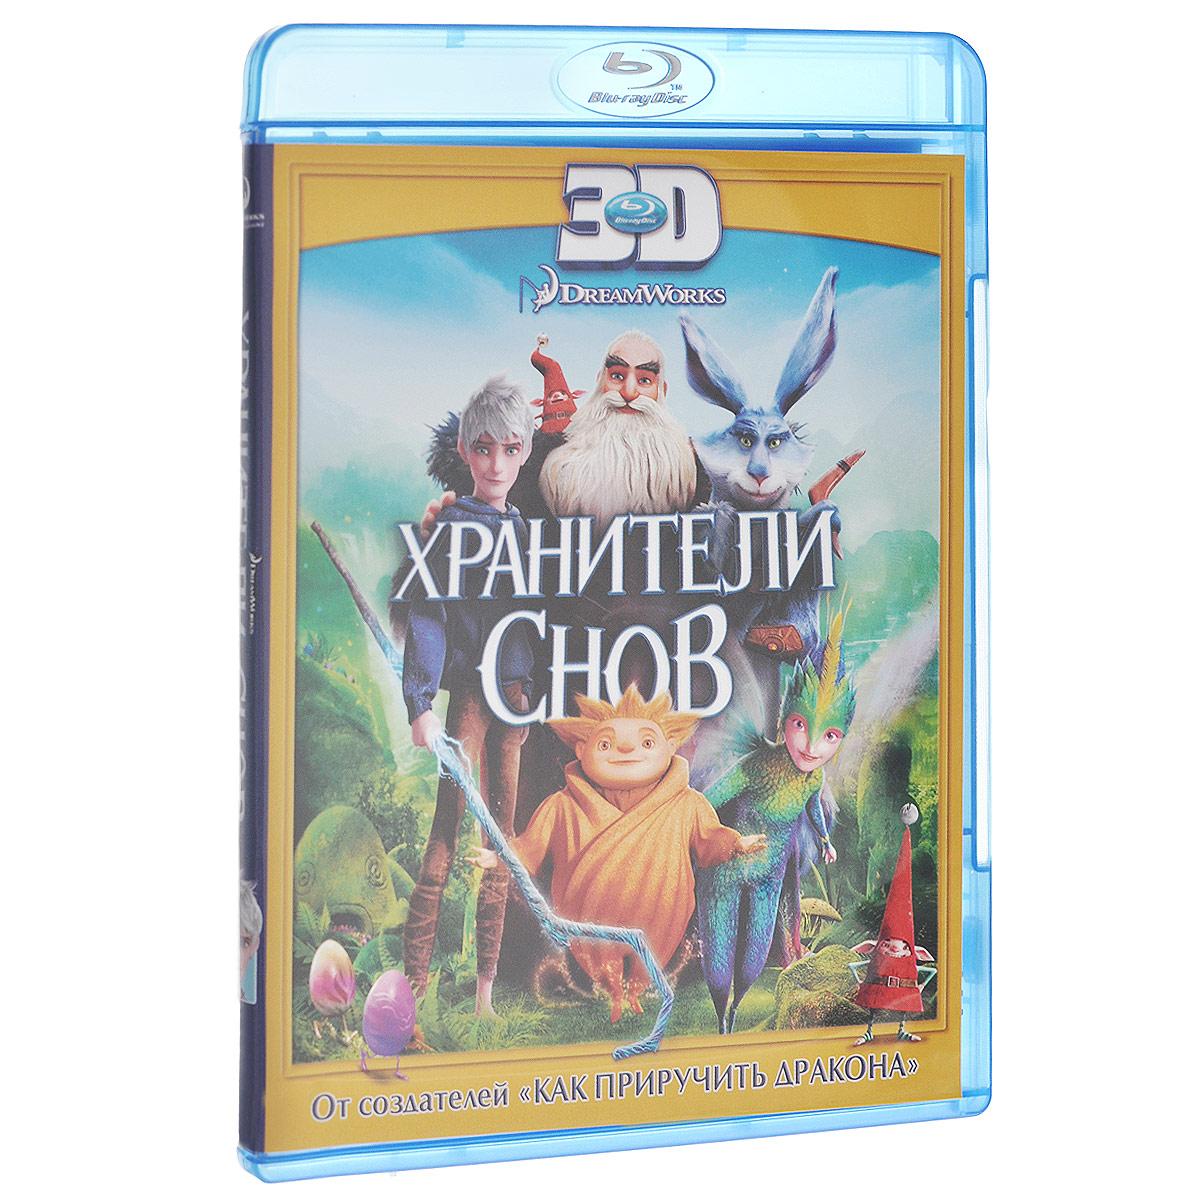 Хранители снов 3D (Blu-ray)